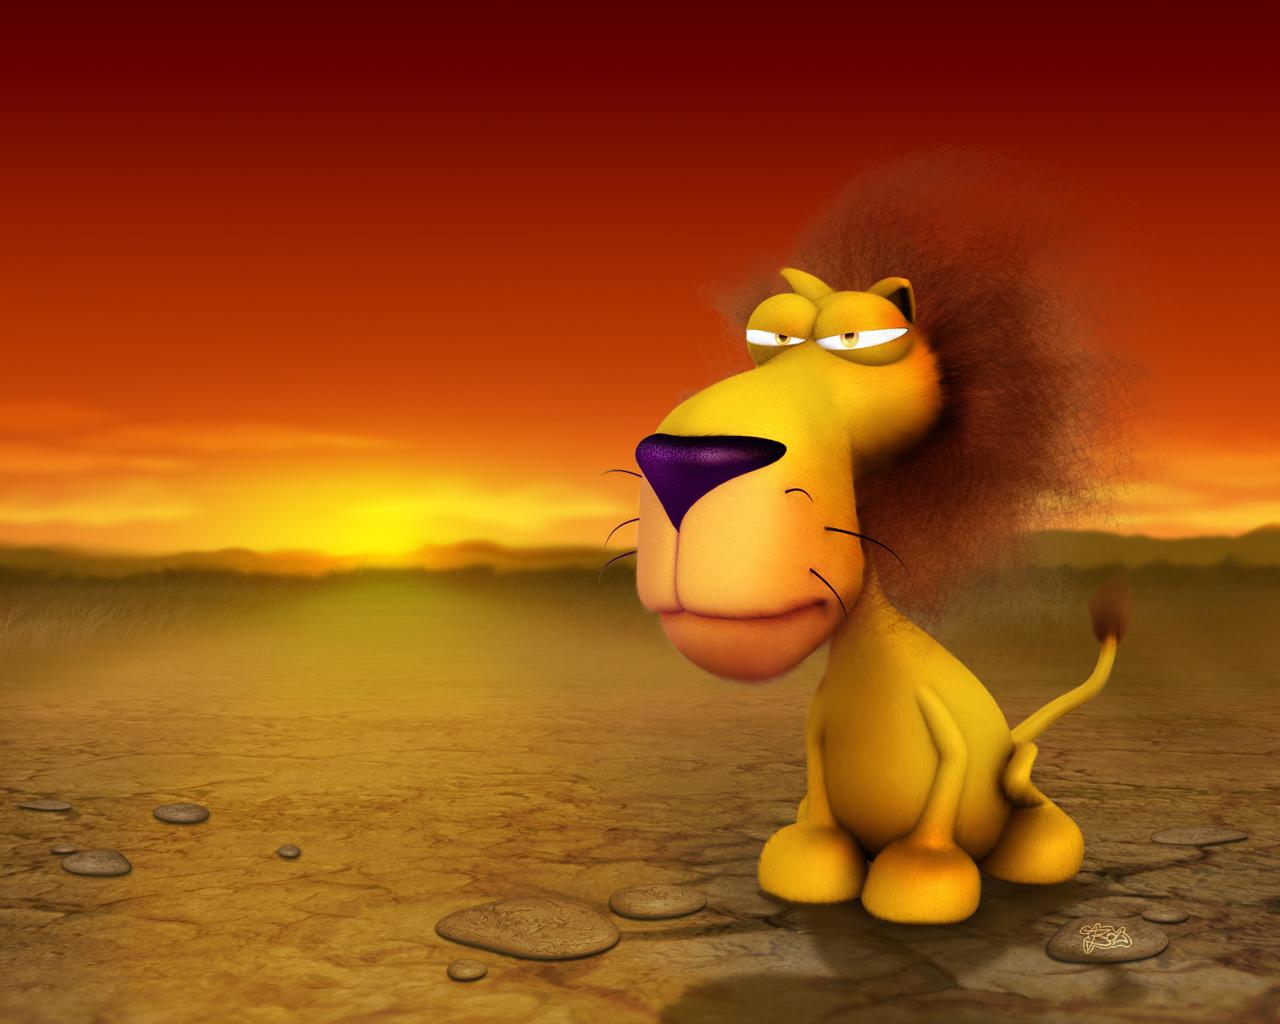 Funny 3D Cartoon Wallpaper Lion 1280x1024